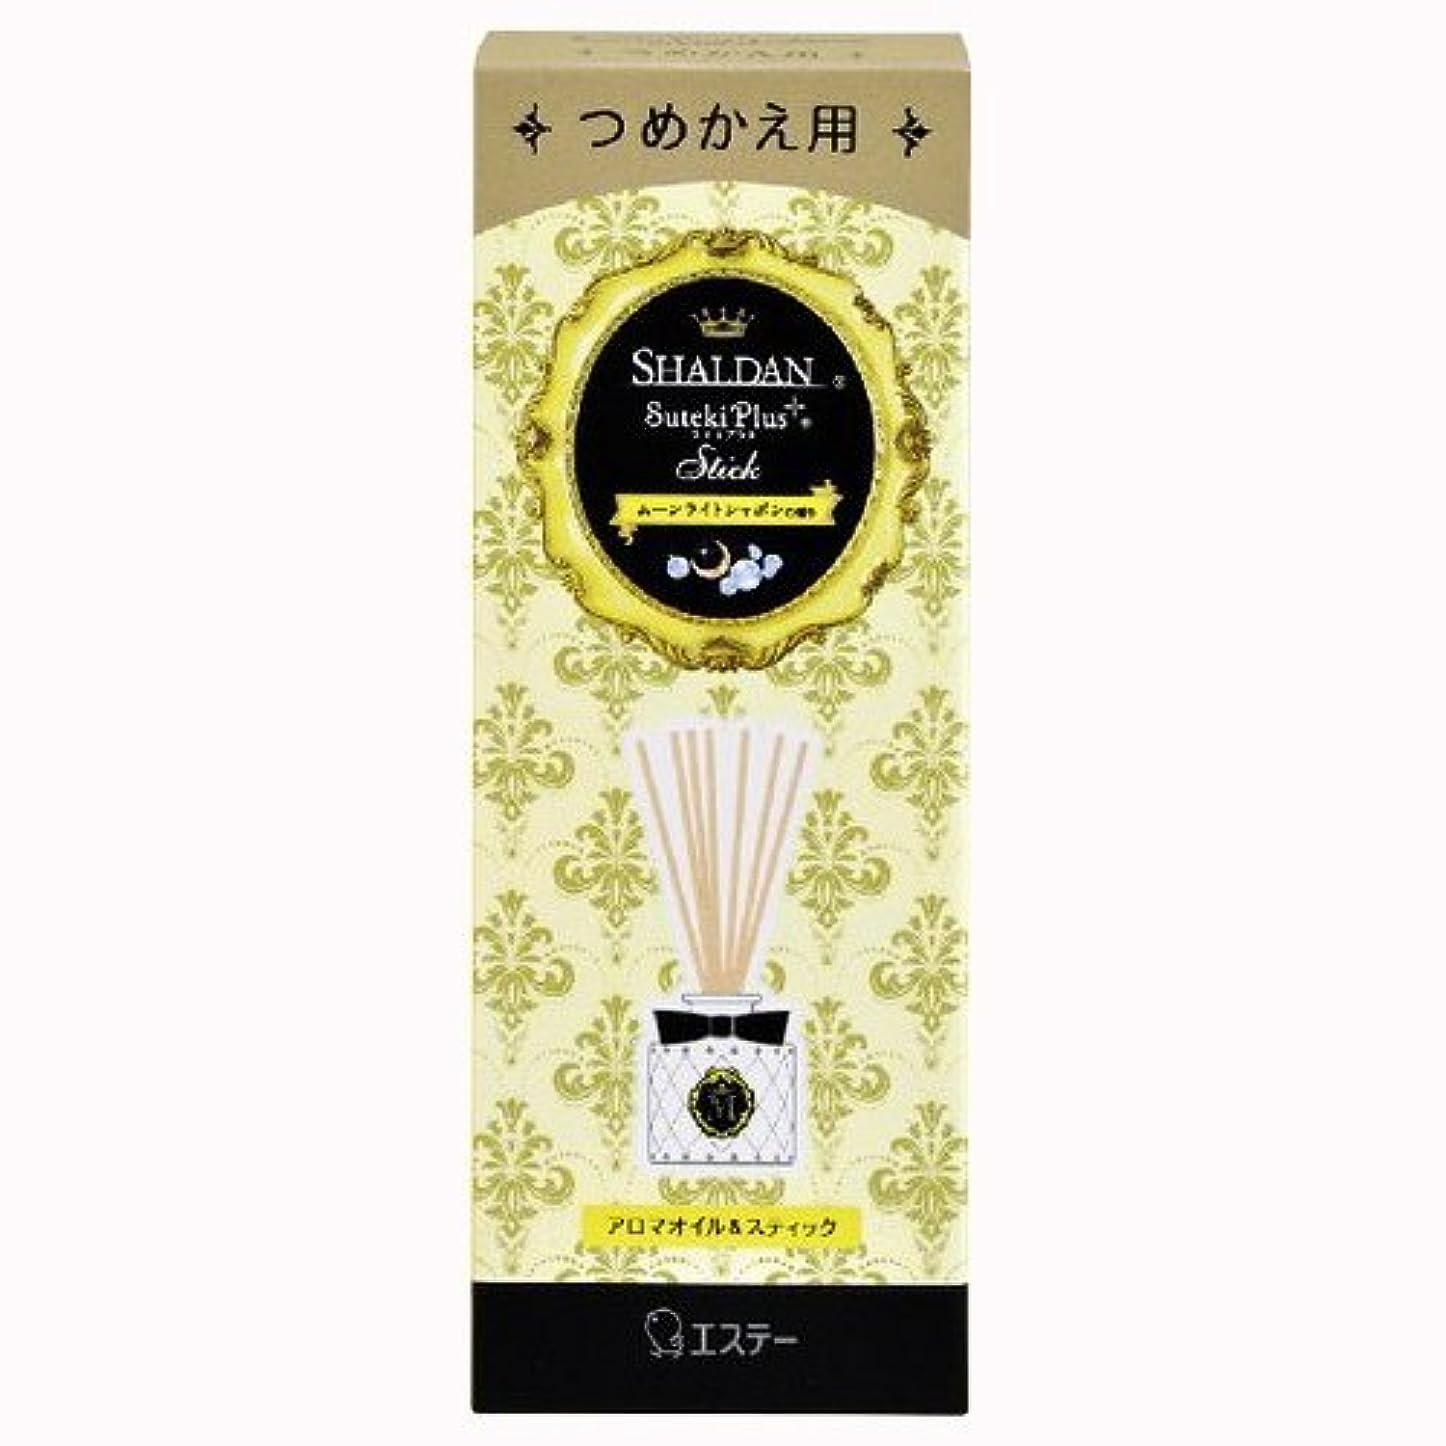 サミット数字月面SHALDAN(シャルダン) ステキプラス Stick つめかえ ムーンライトシャボンの香り × 5個セット